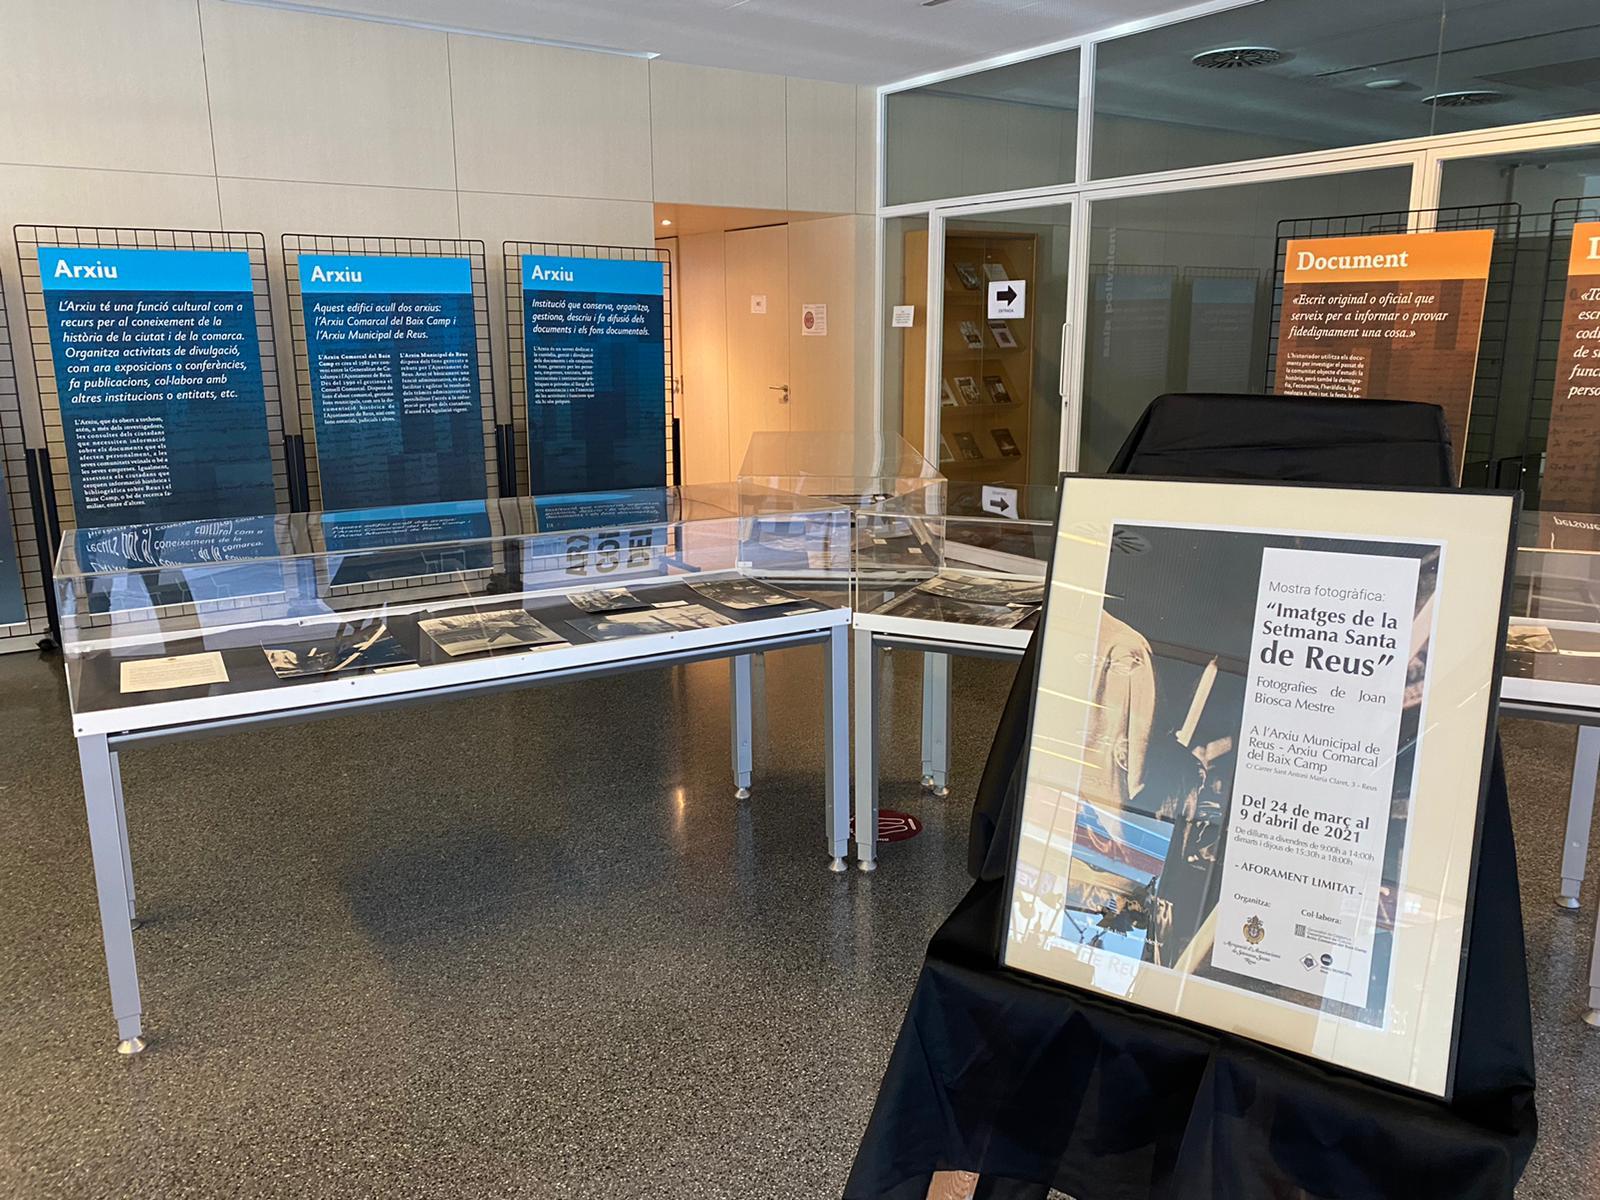 L'Agrupació d'Associacions de la Setmana Santa de Reus ha organitzat una mostra fotogràfica de la Setmana Santa reusenca a l'Arxiu Munici...